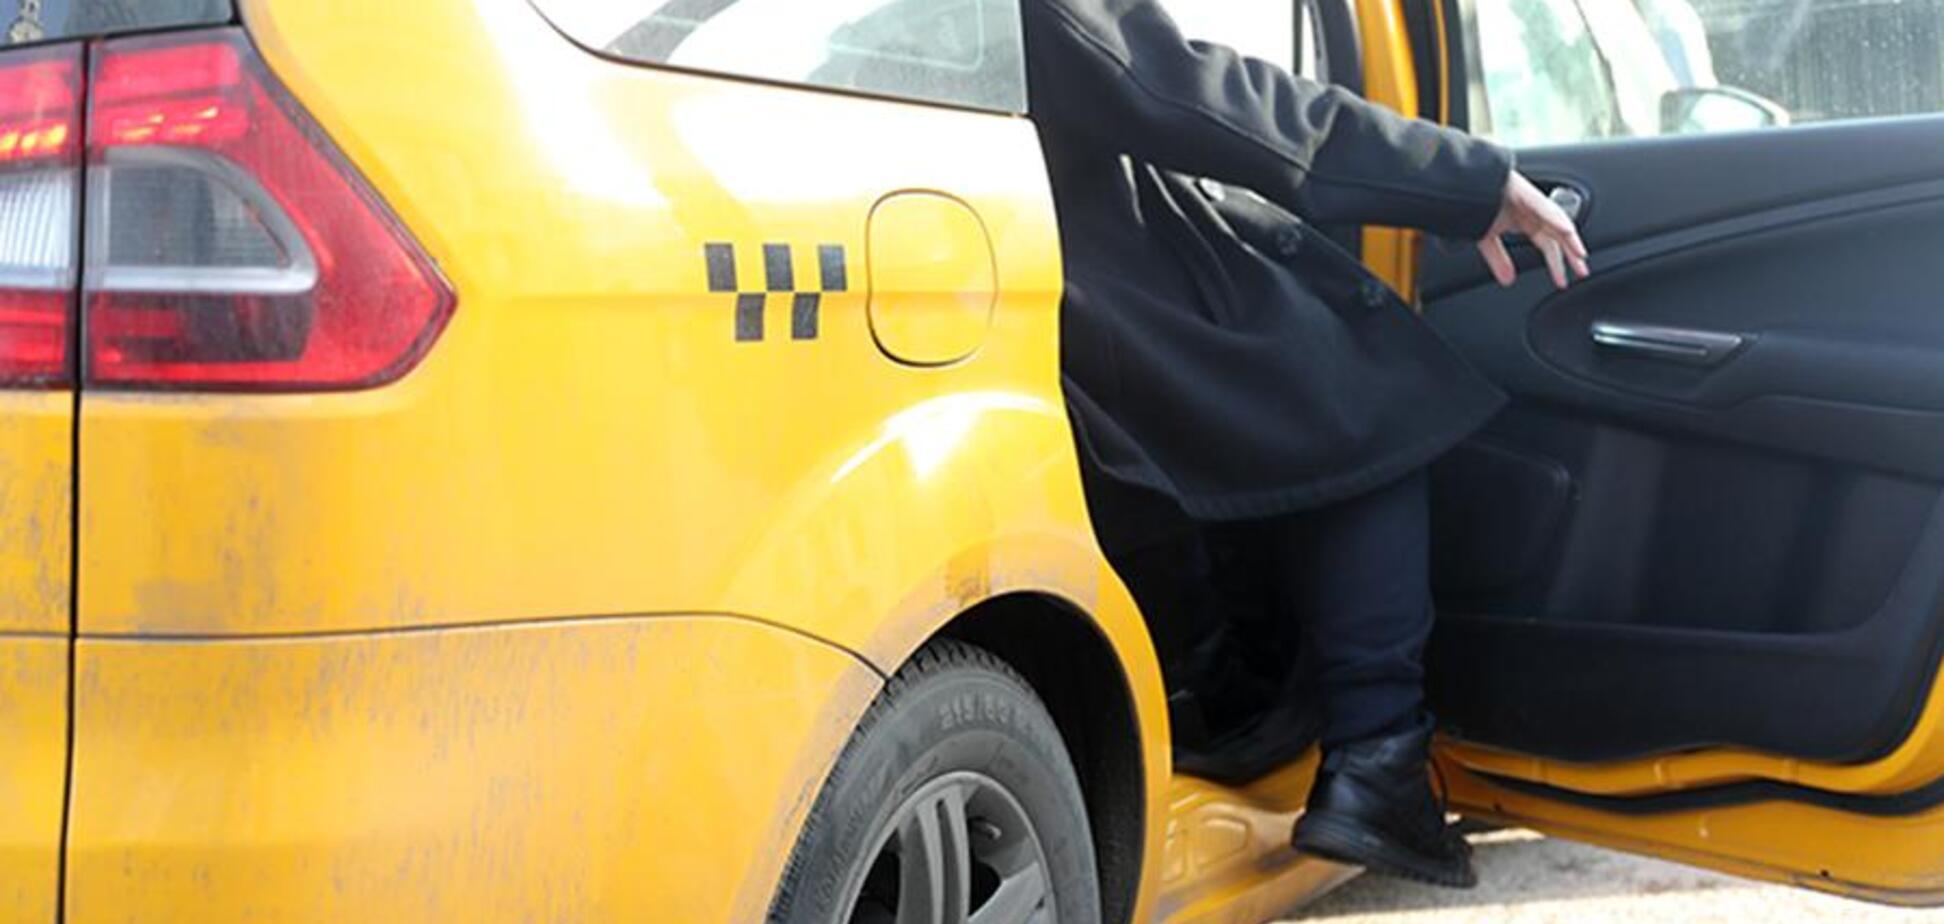 Черкасские коммунальщики хотят спустить сотни тысяч из бюджета на такси